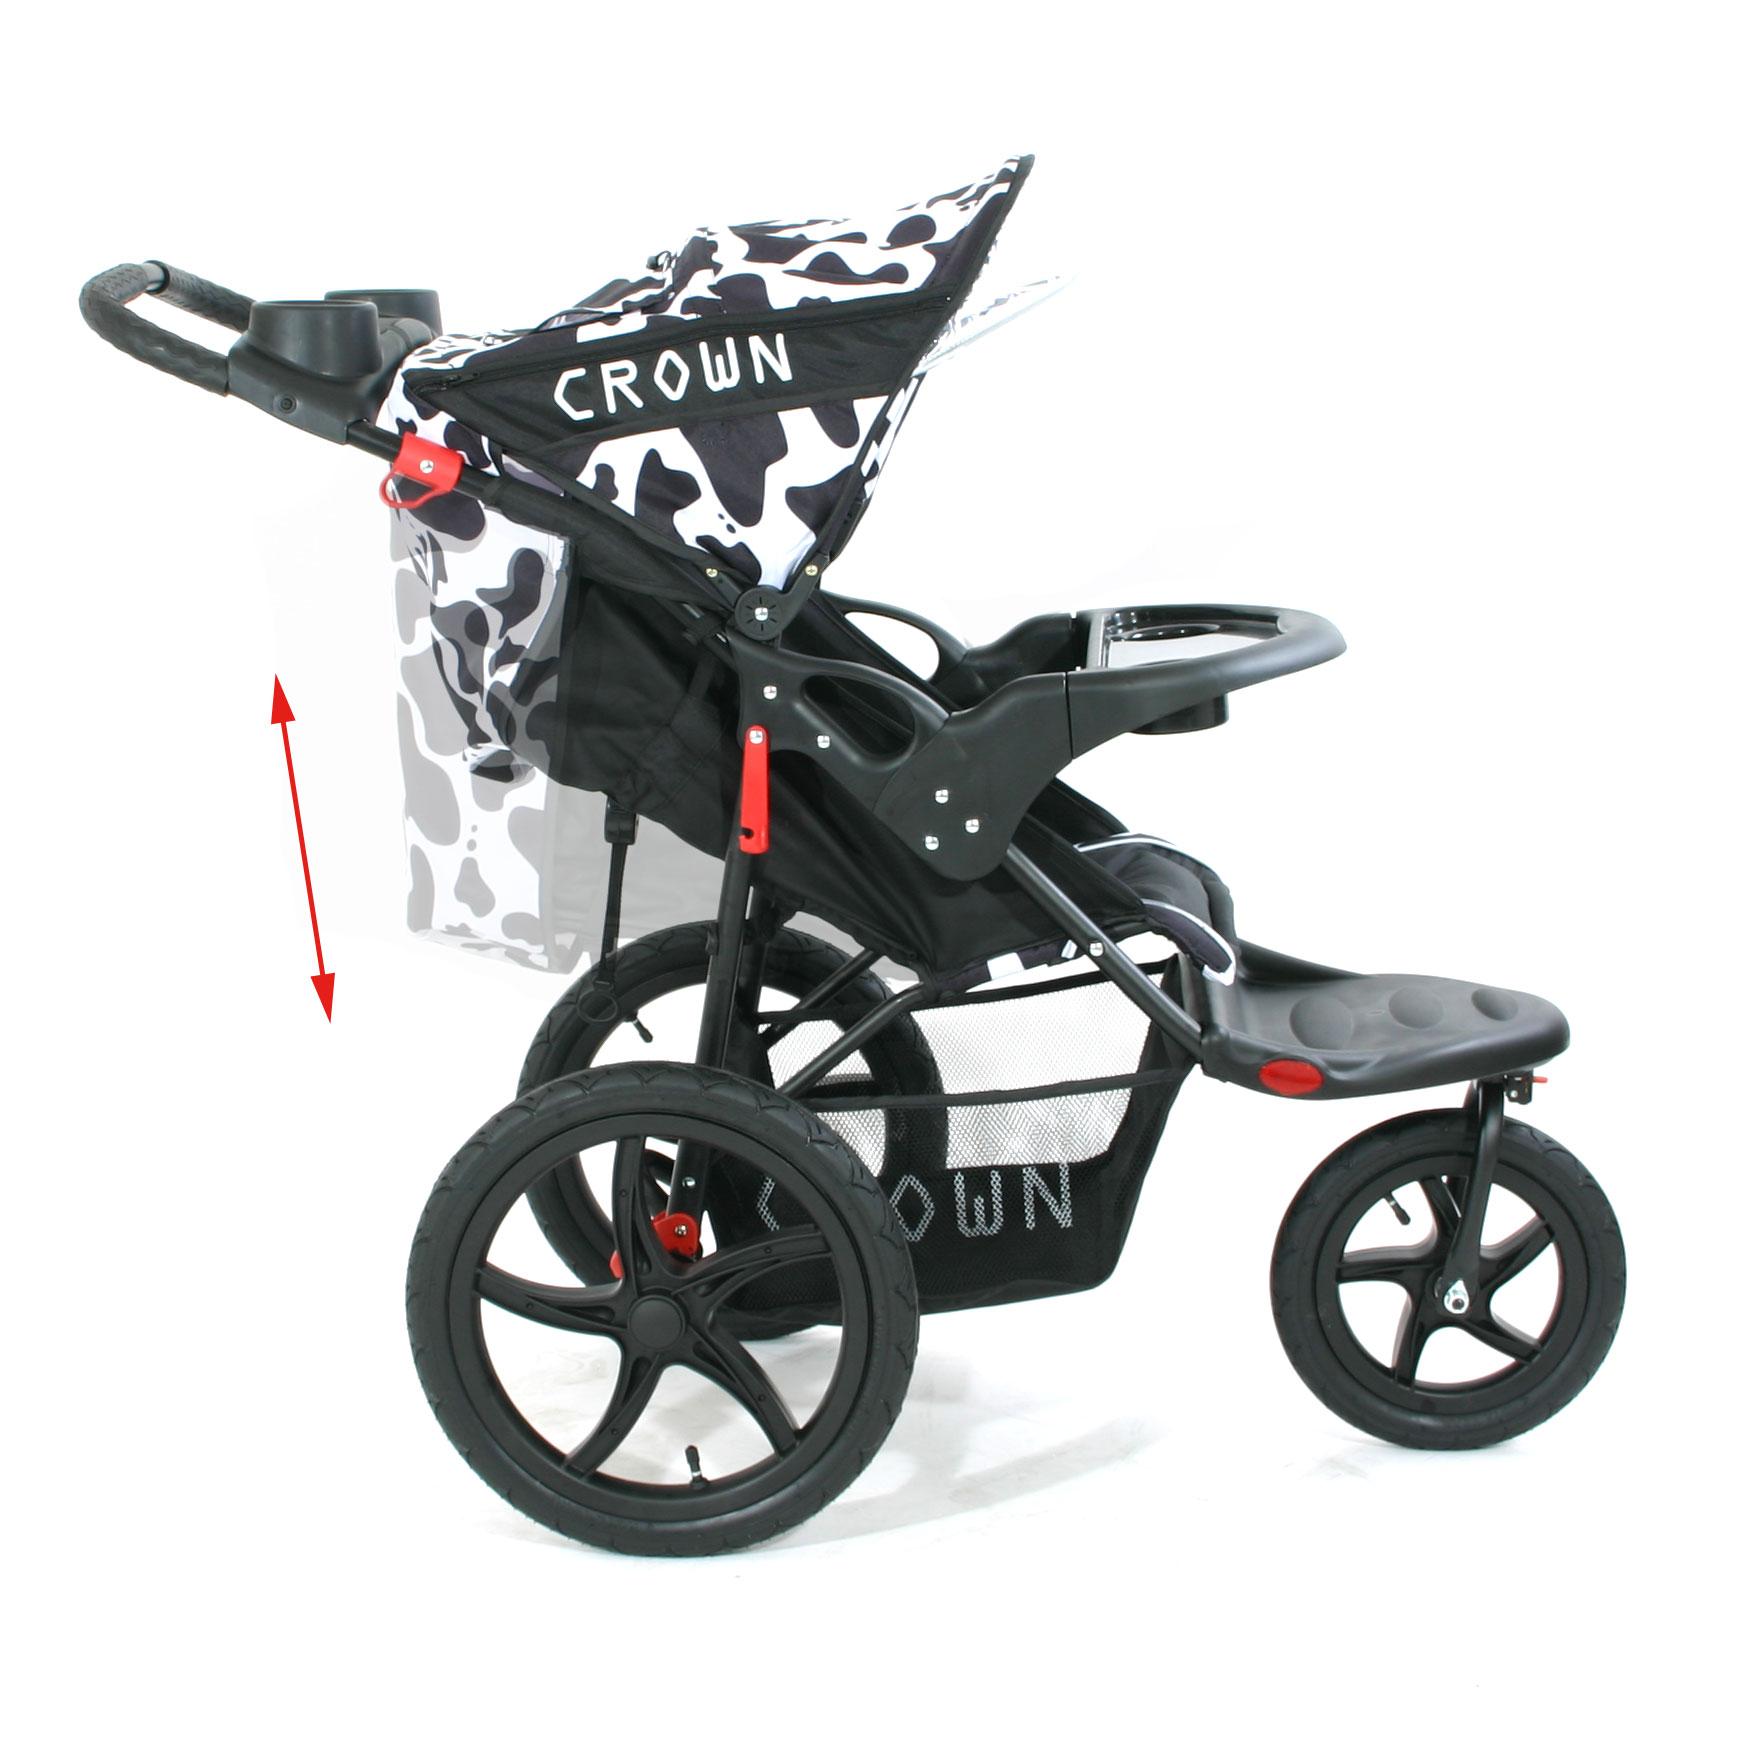 Crown-Kinderwagen-ST930-COW-07.jpg